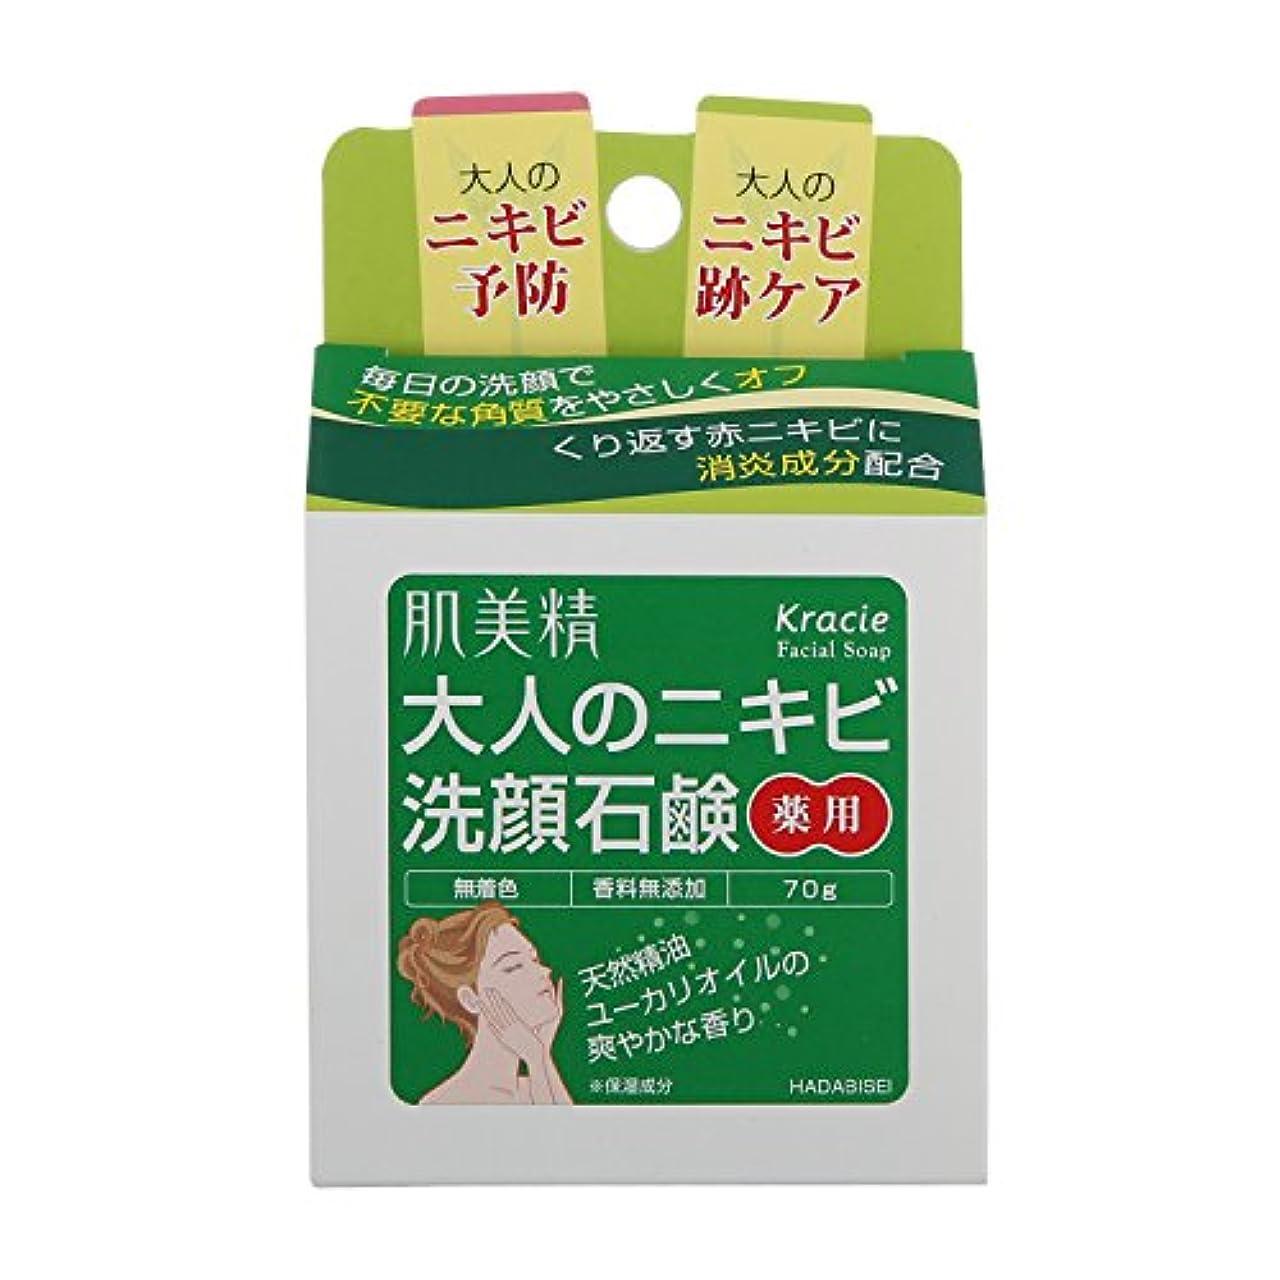 偏見セメント熱心肌美精 大人のニキビ 薬用洗顔石鹸 70g  [医薬部外品]